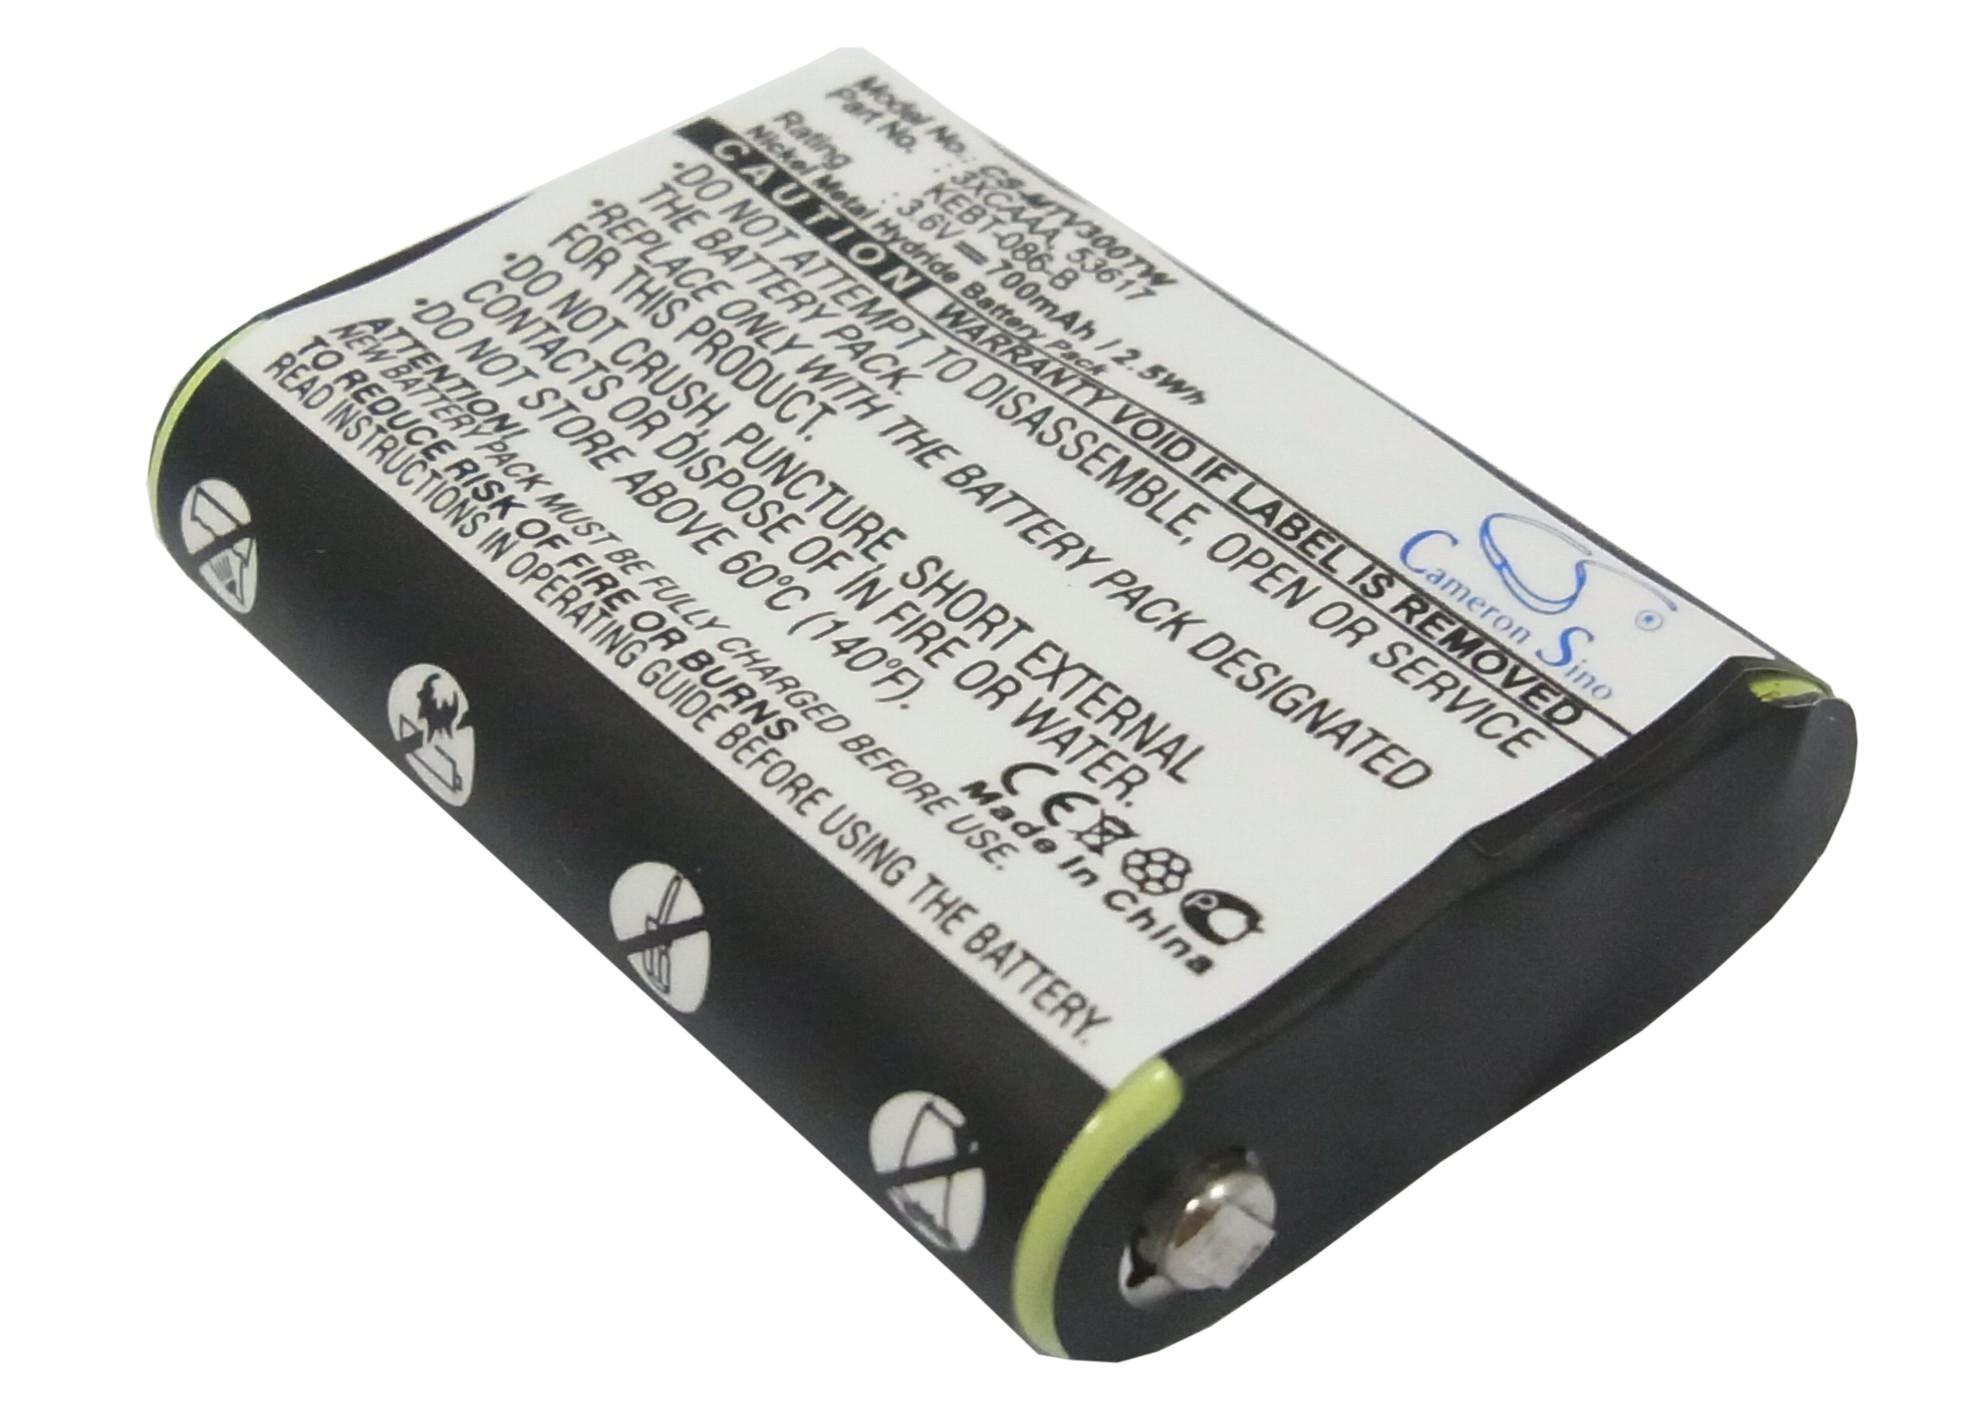 Cameron Sino baterie do vysílaček pro MOTOROLA FV700 3.6V Ni-MH 700mAh černá - neoriginální